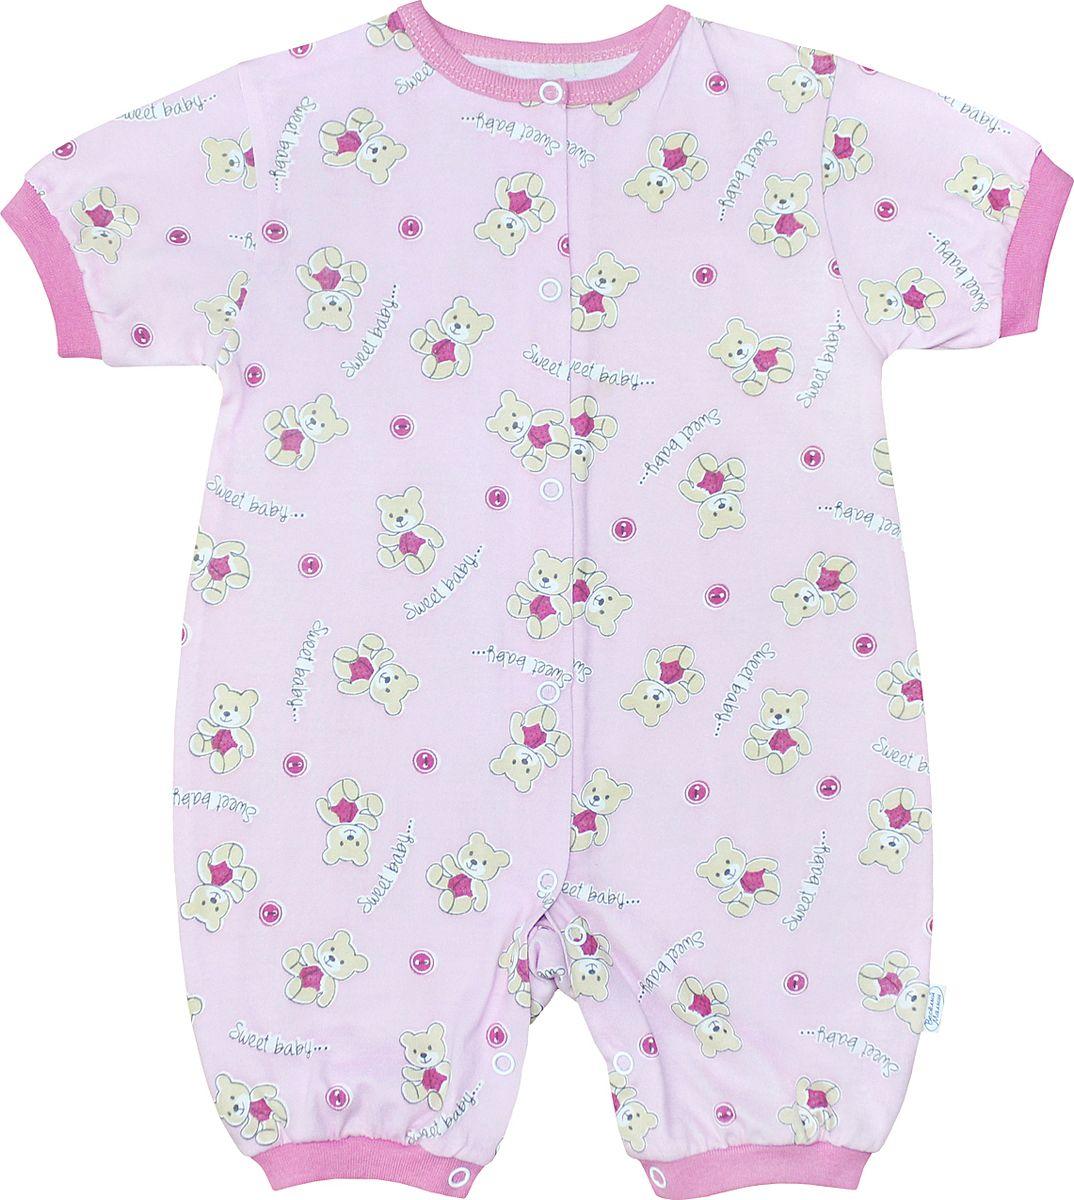 Песочник для девочки Веселый малыш One, цвет: розовый. 52172/one-E (1)_милый мишка. Размер 80